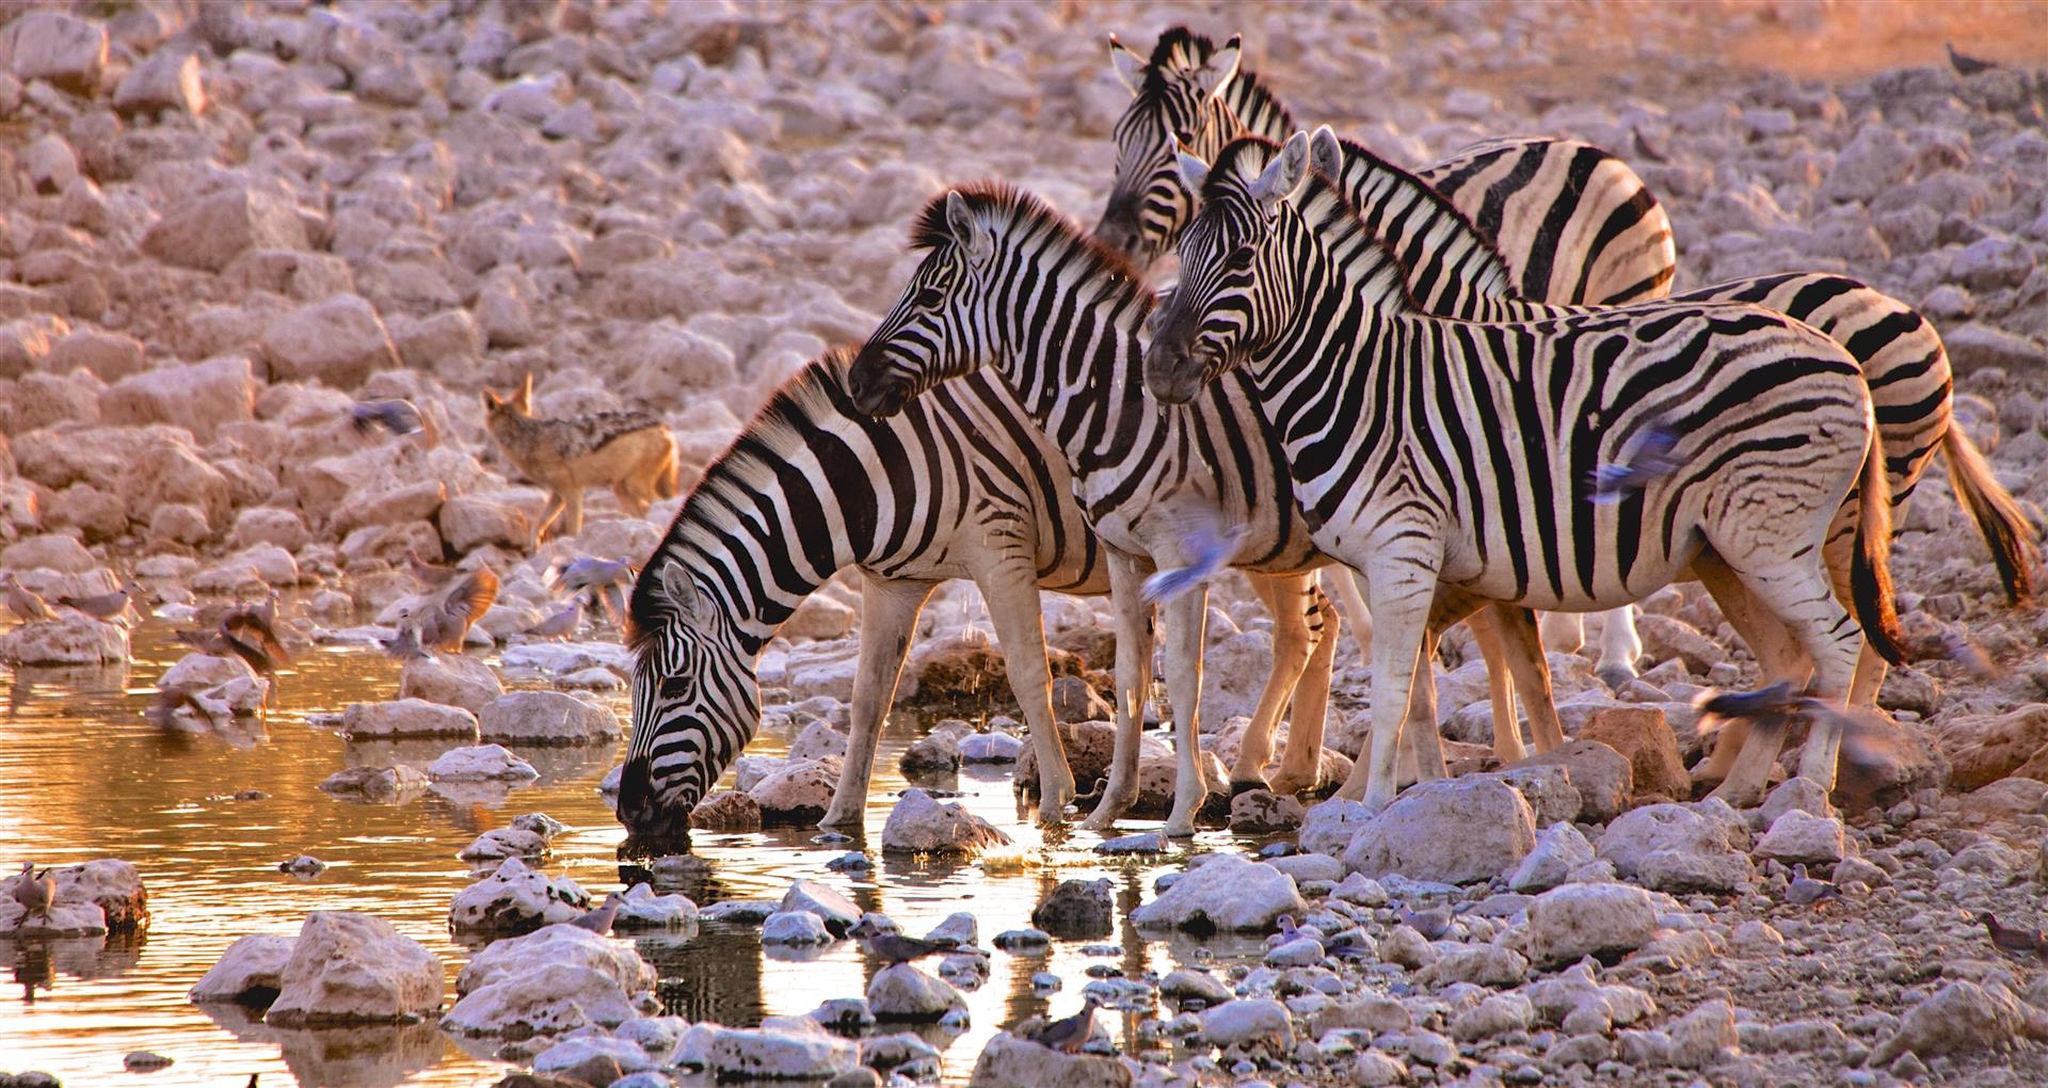 zebras-drinking-at-waterhole